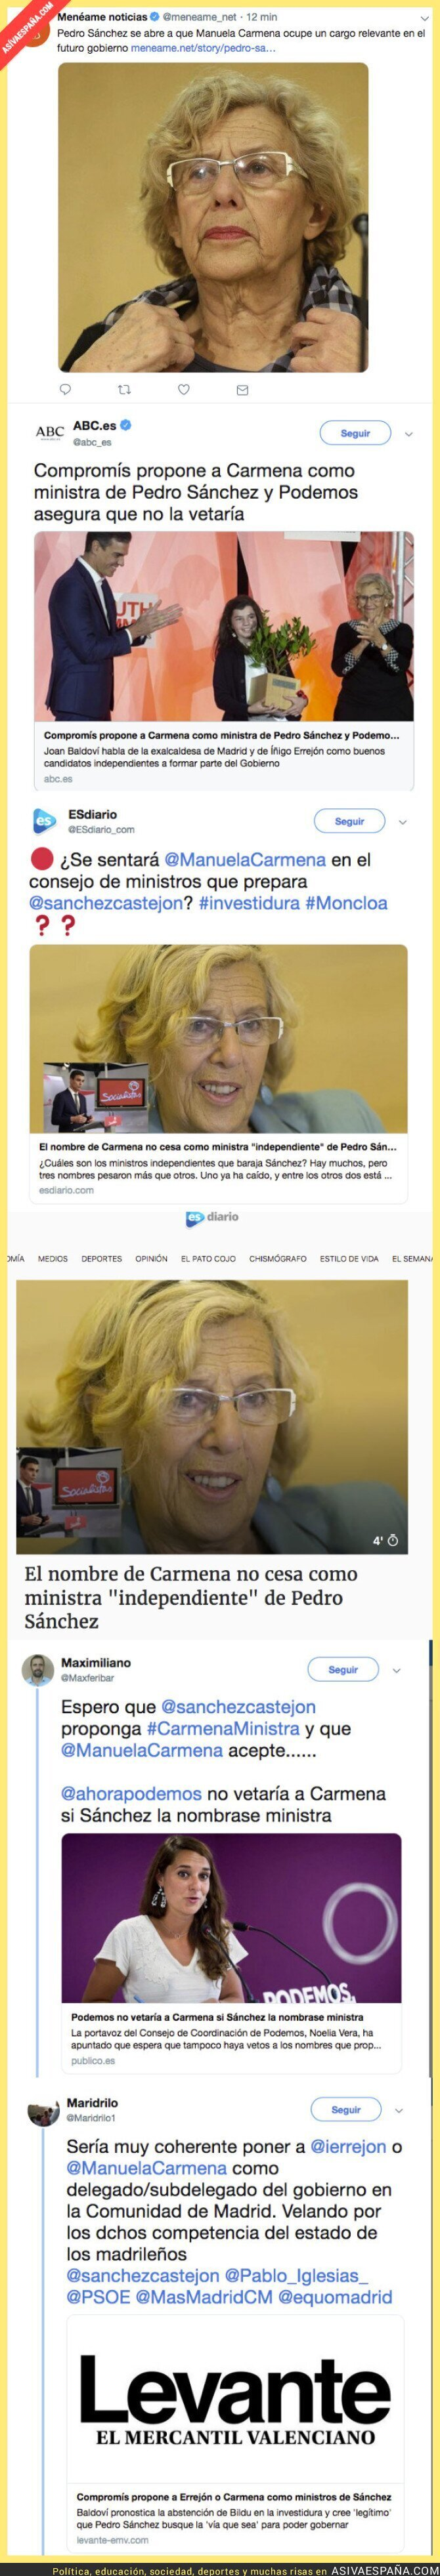 114829 - Varios medios apuntan a que Carmena podría ser ministra de Pedro Sánchez